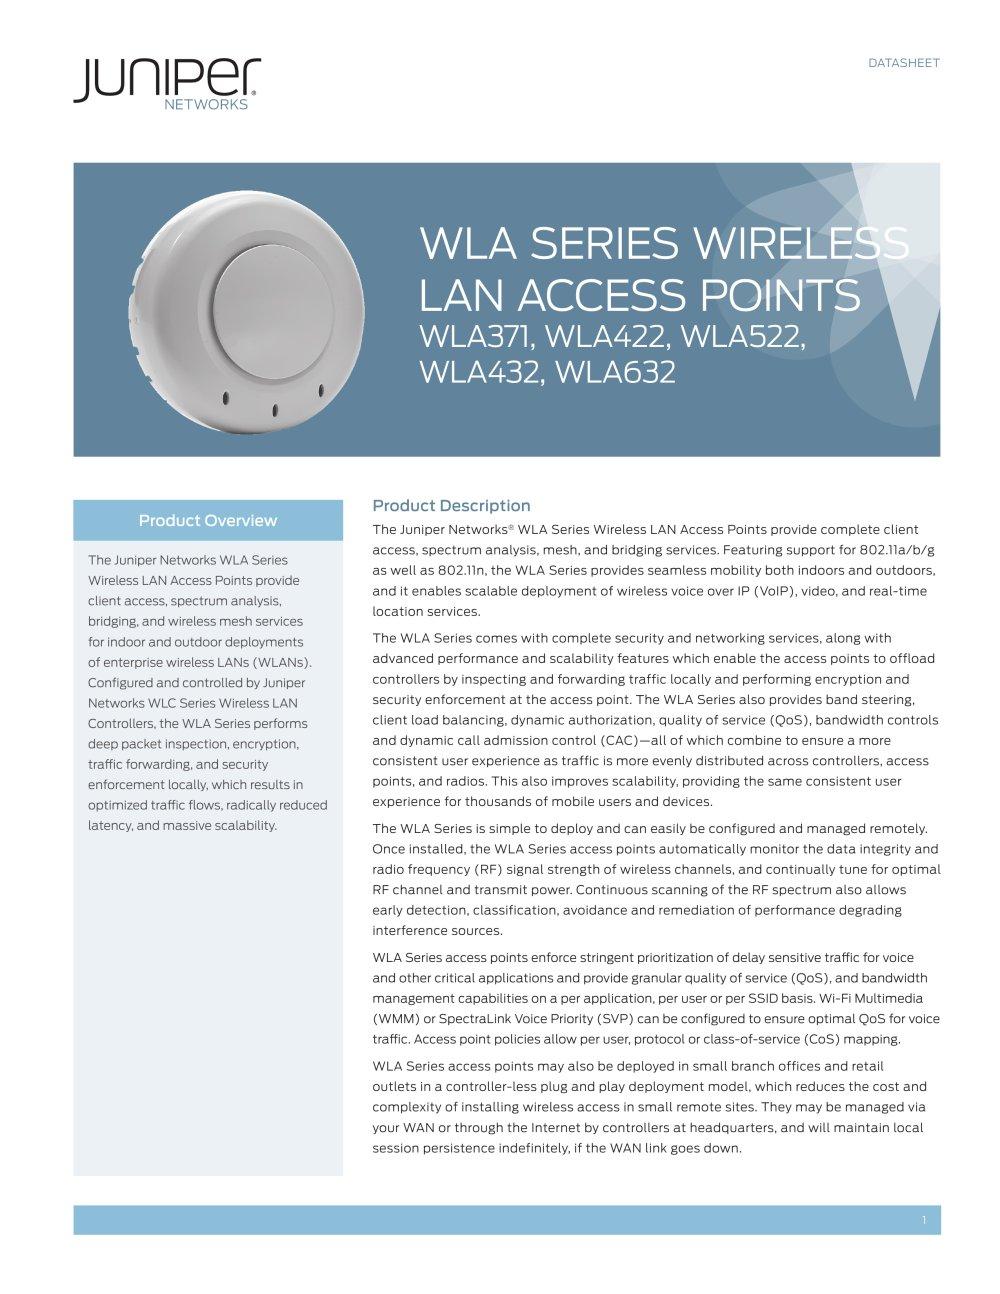 Wireless Lan Security Pdf